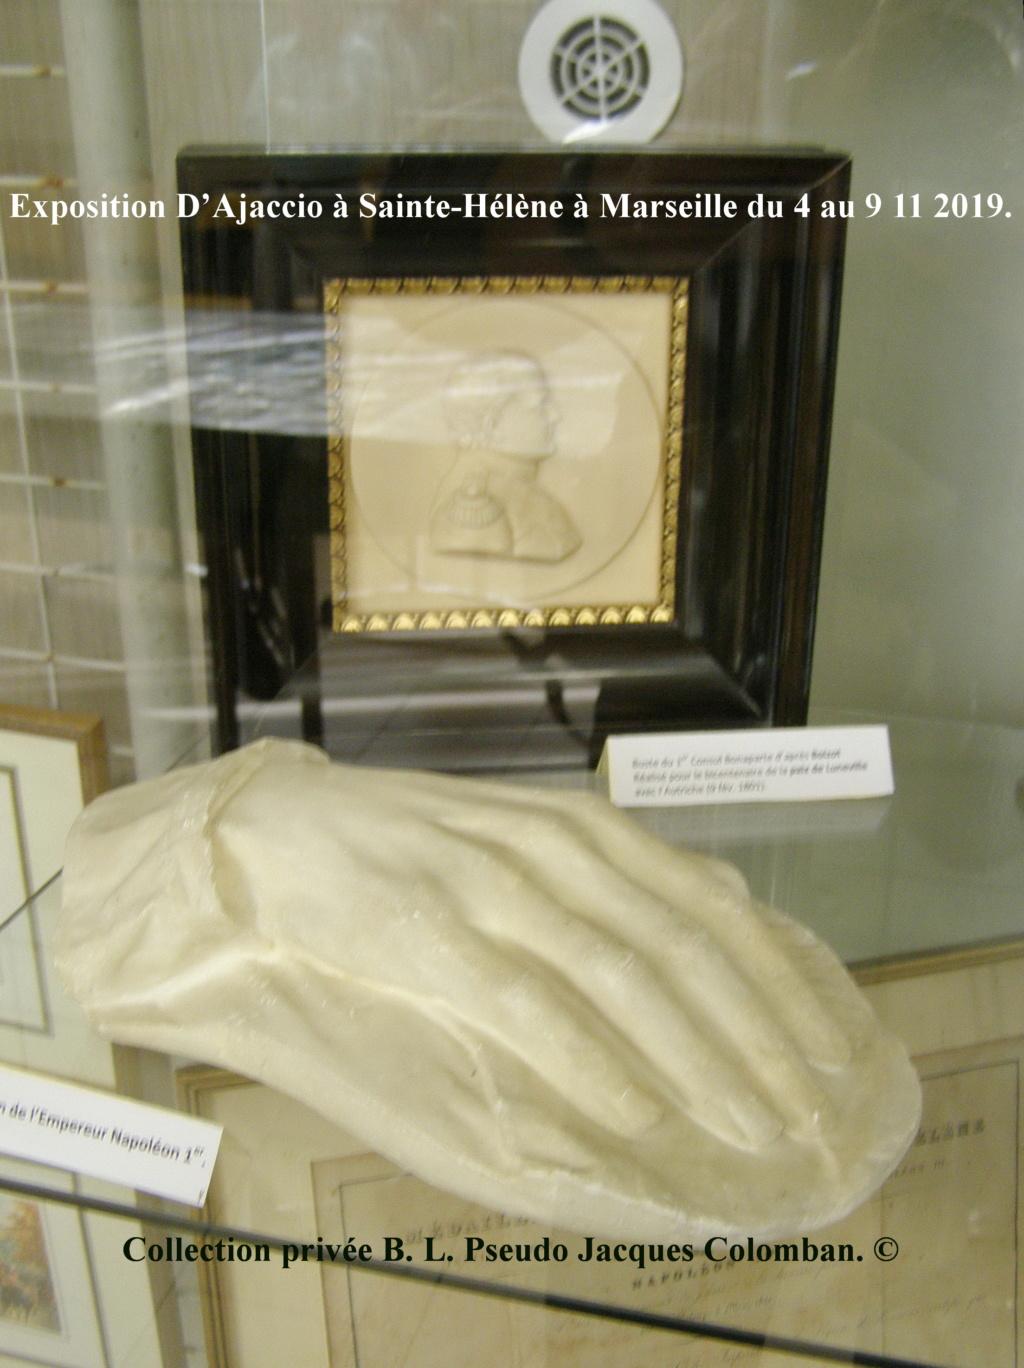 Exposition D'Ajaccio à Sainte-Hélène à Marseille. 3110